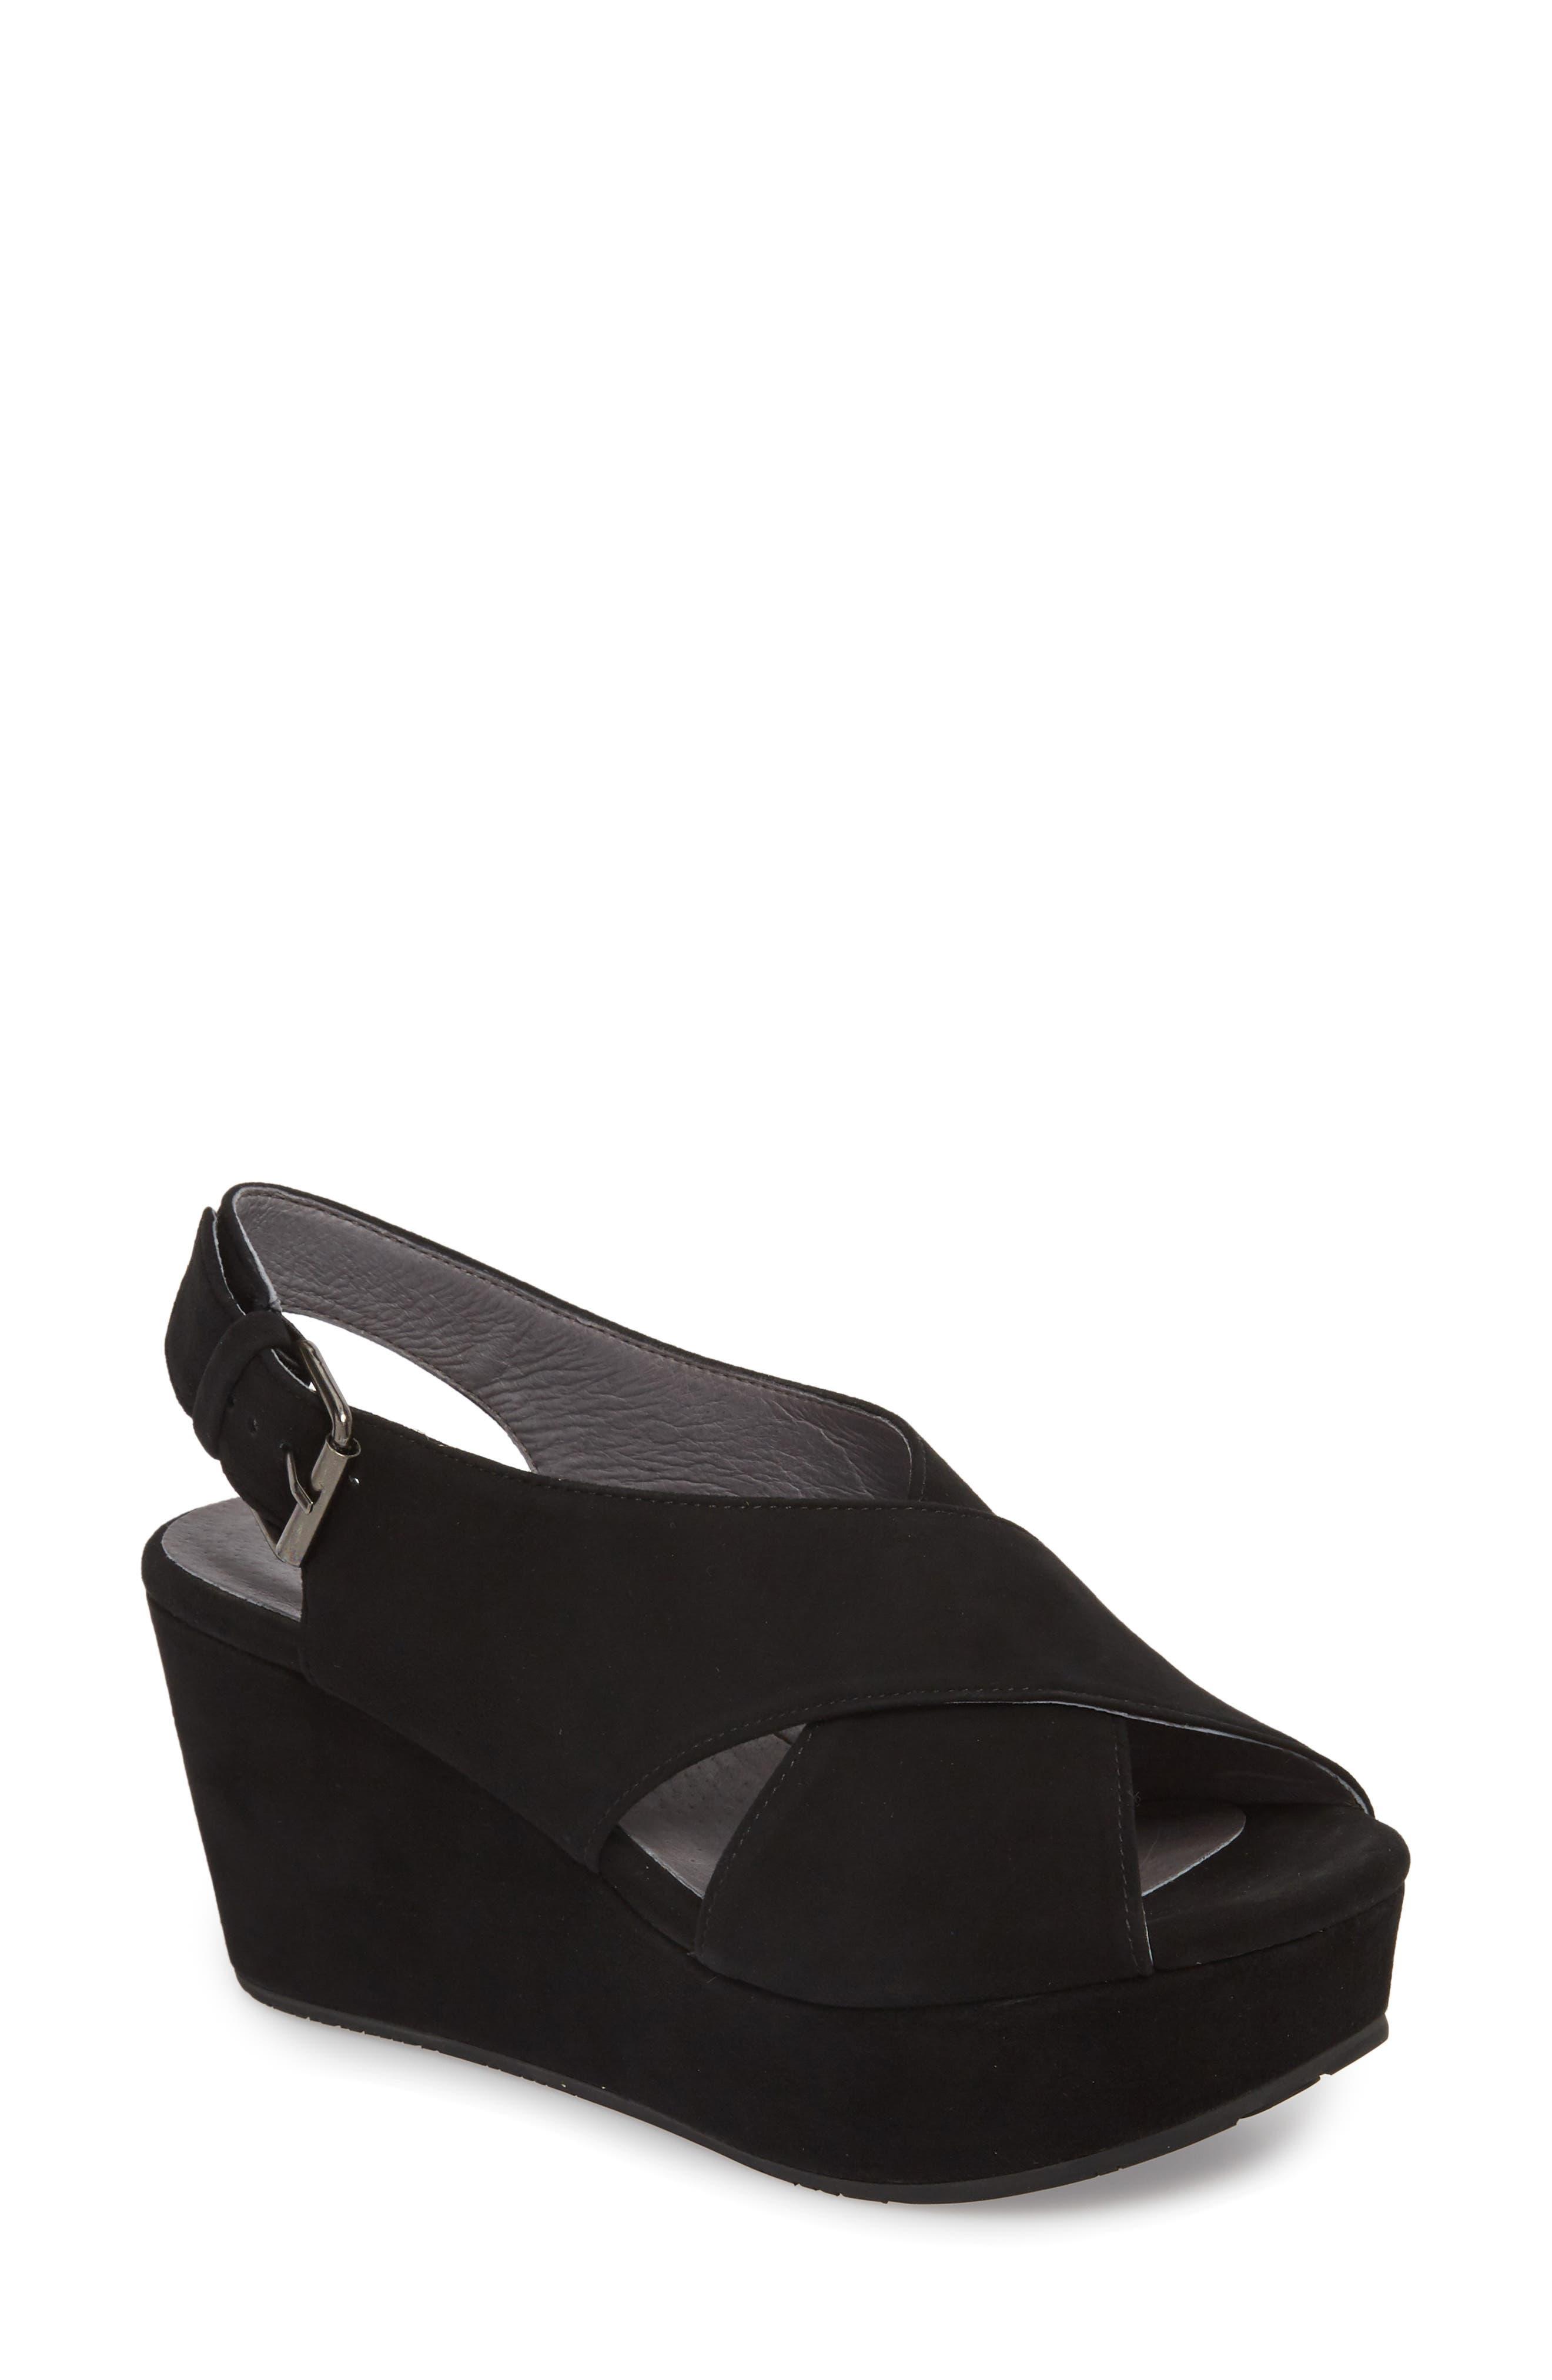 Wim Platform Wedge Sandal,                         Main,                         color, BLACK SUEDE